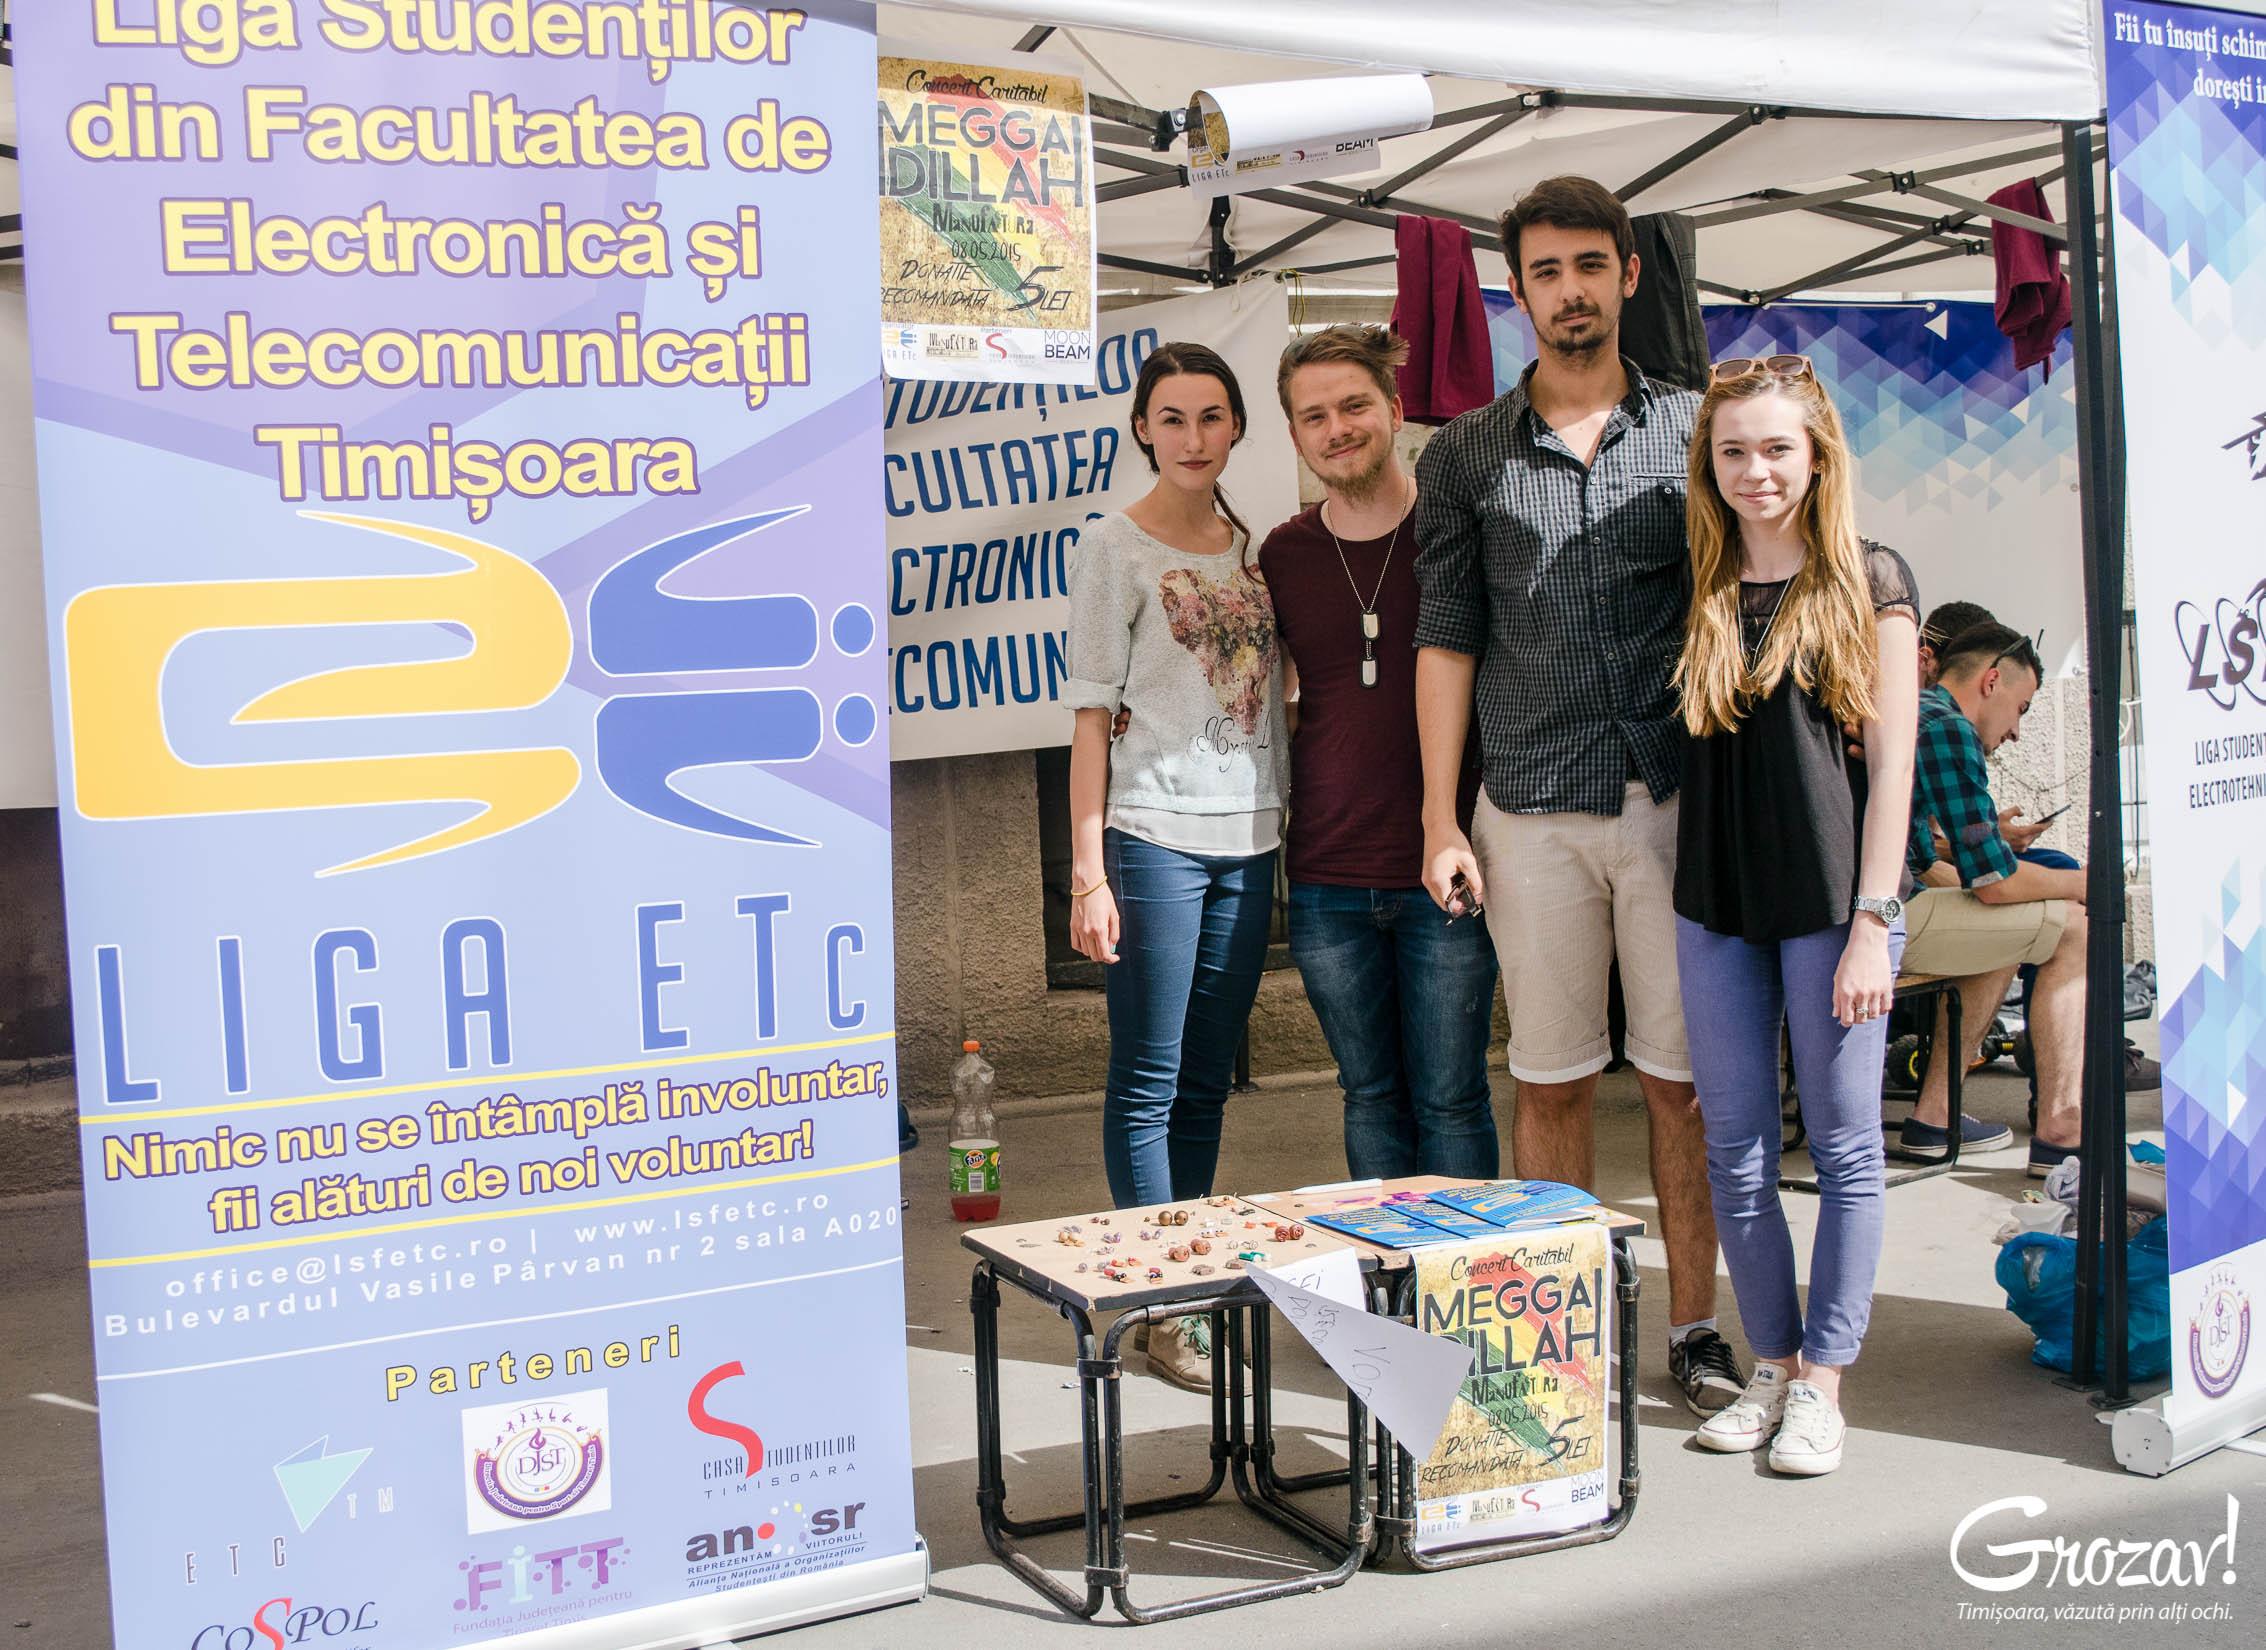 LIGA ETC Targul ONG-urilor grozav